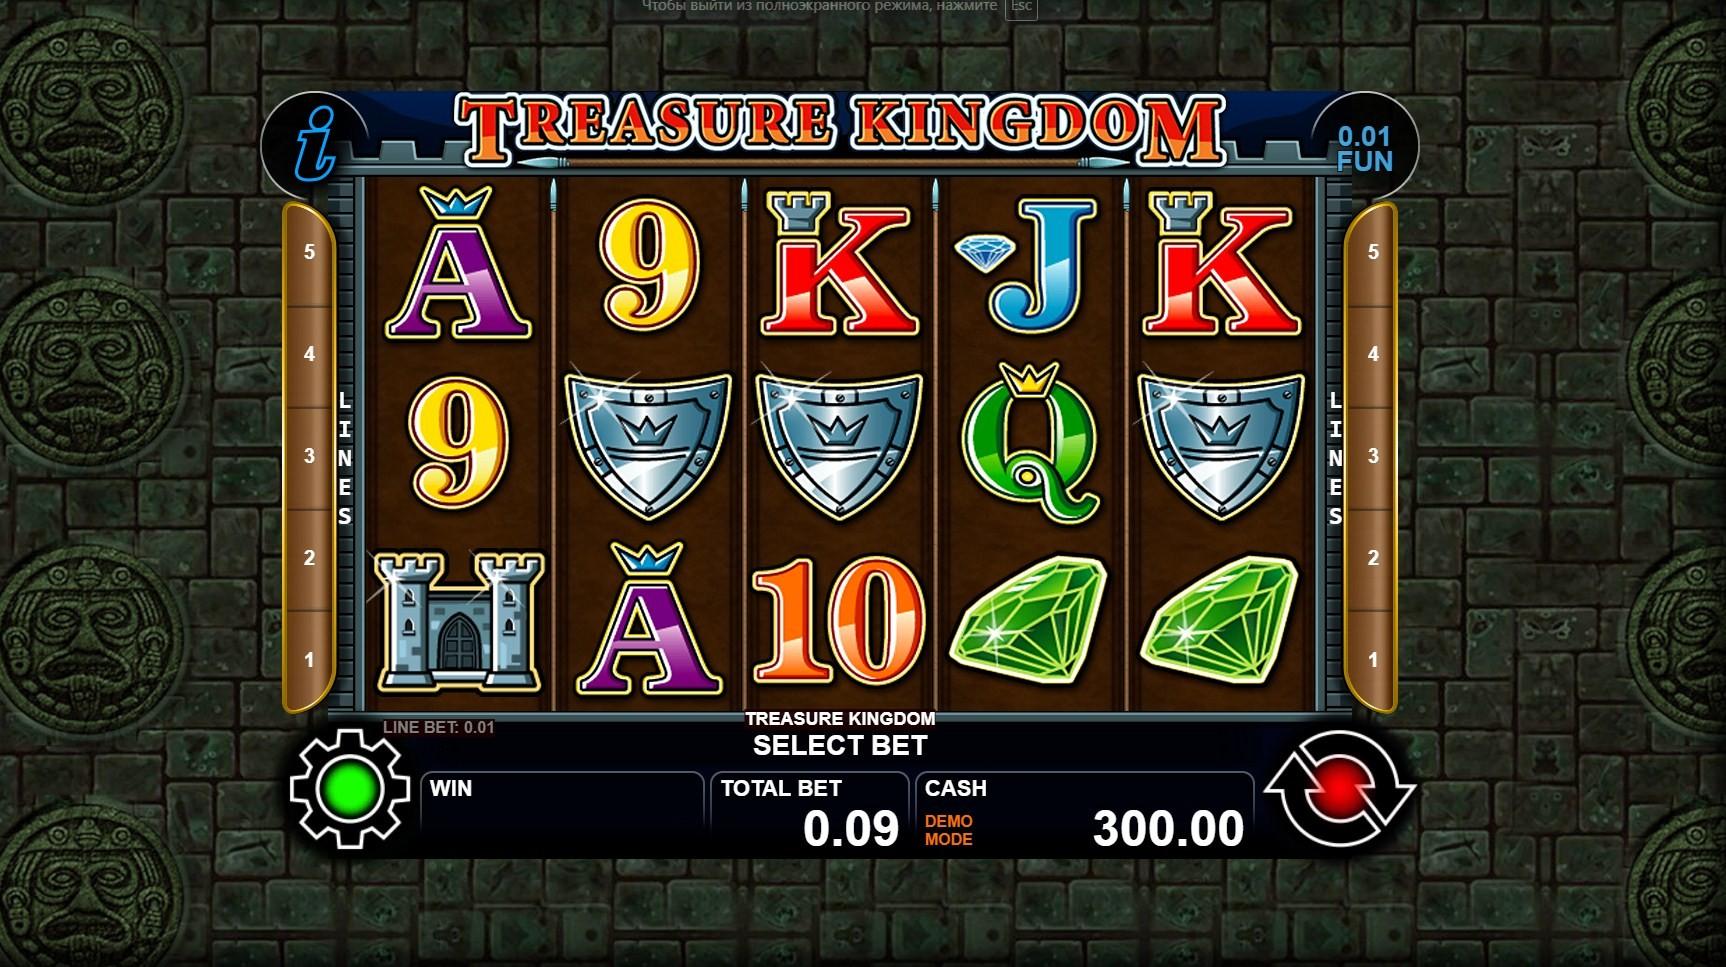 игровые автоматы с денежным бонусом при регистрации